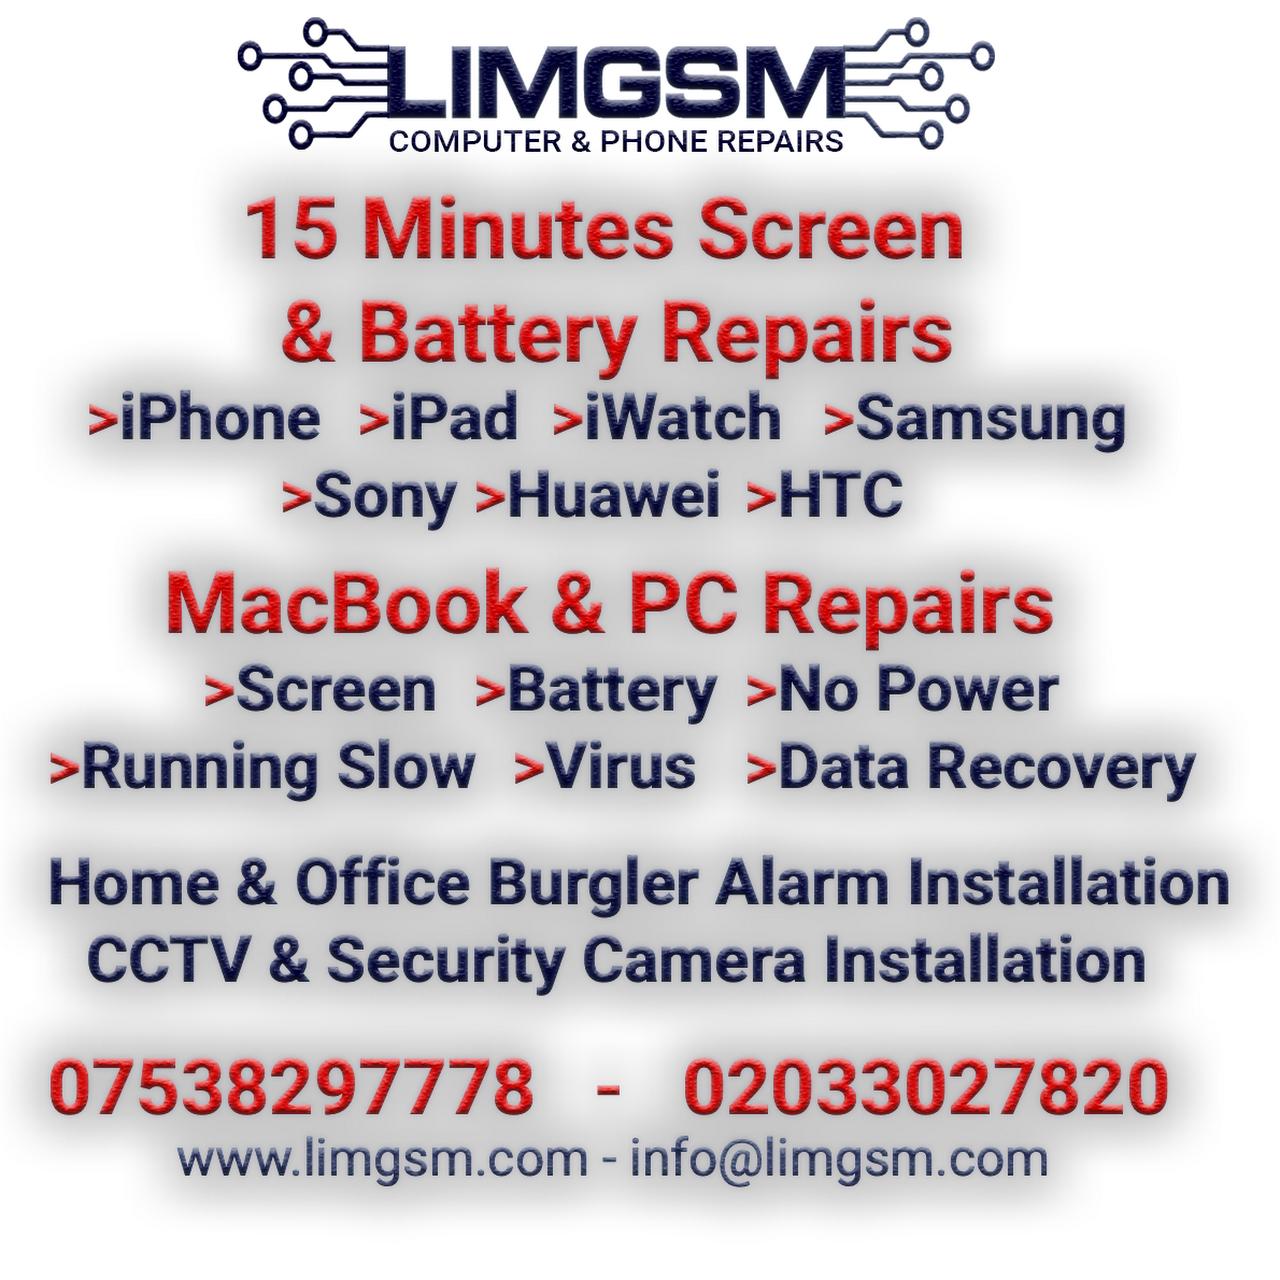 Limgsm Computer & Phone Repair - Computer & Phone Repair Service